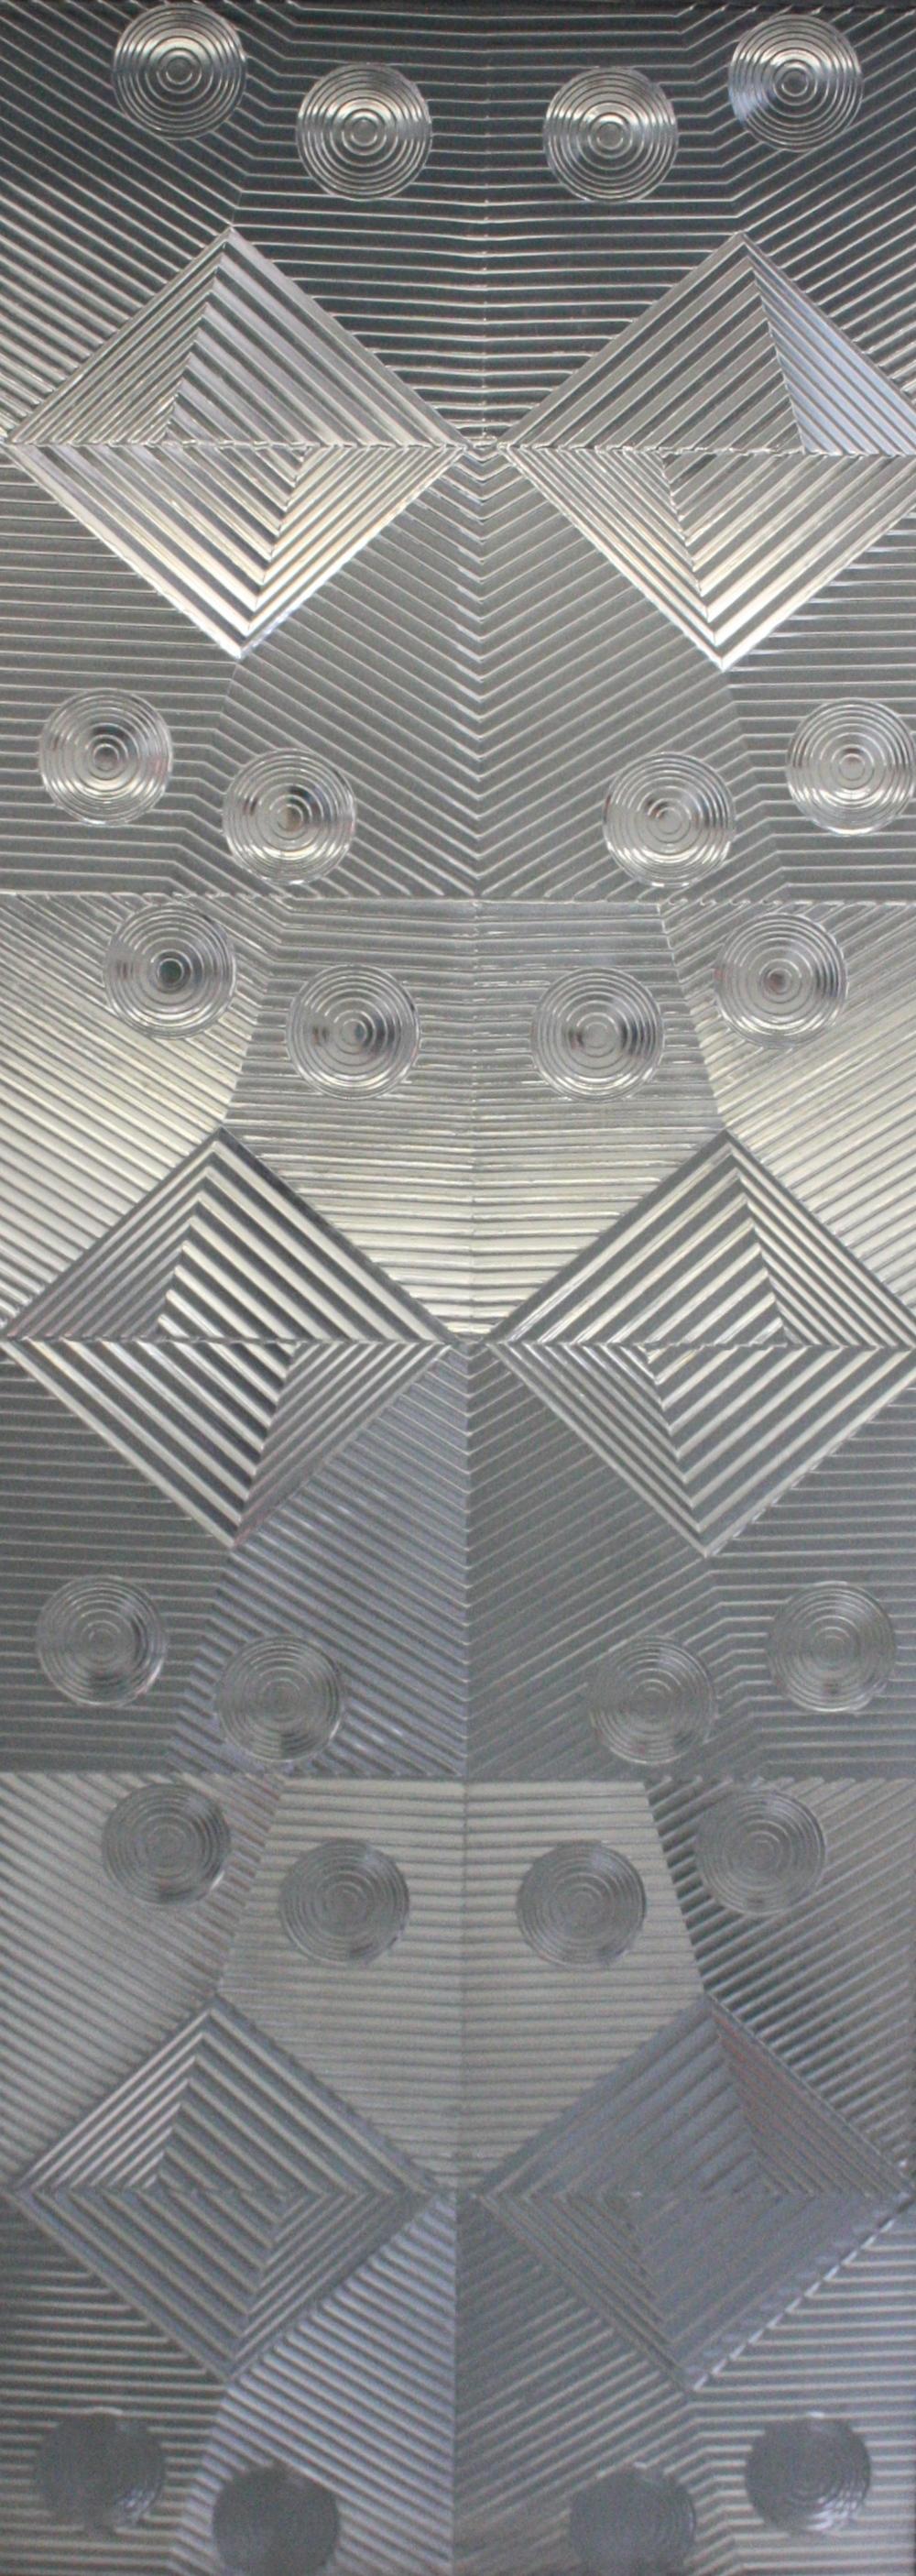 Zdeněk Lhotský, Reliéf 1, 2015, sklo, 74 x 200,5 cm